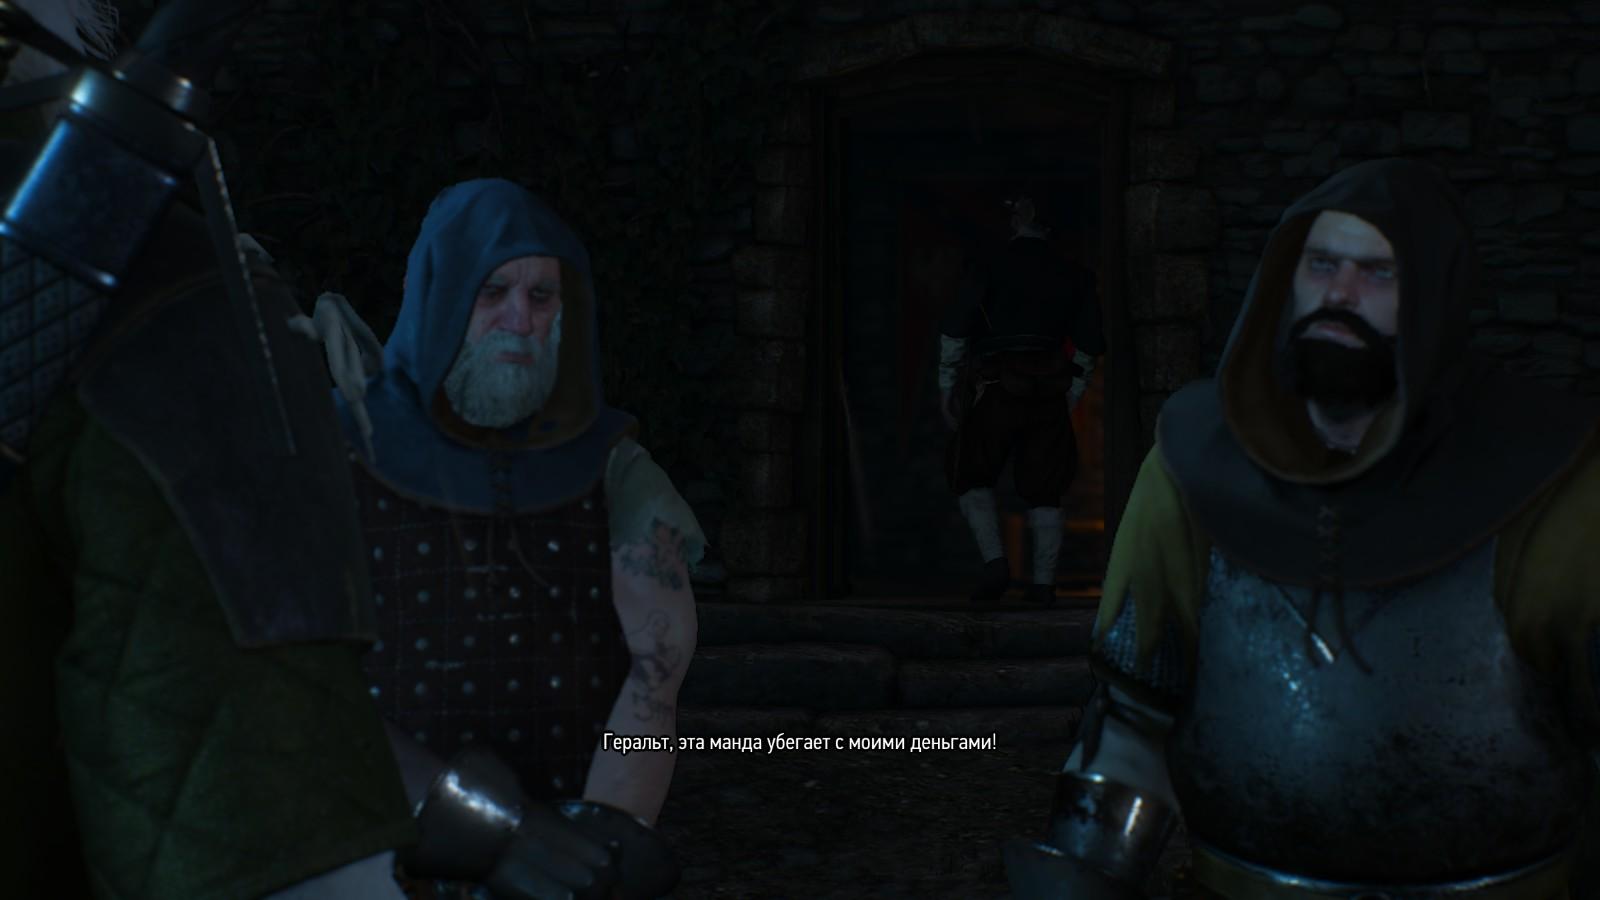 Трисс - Witcher 3: Wild Hunt, the Персонаж